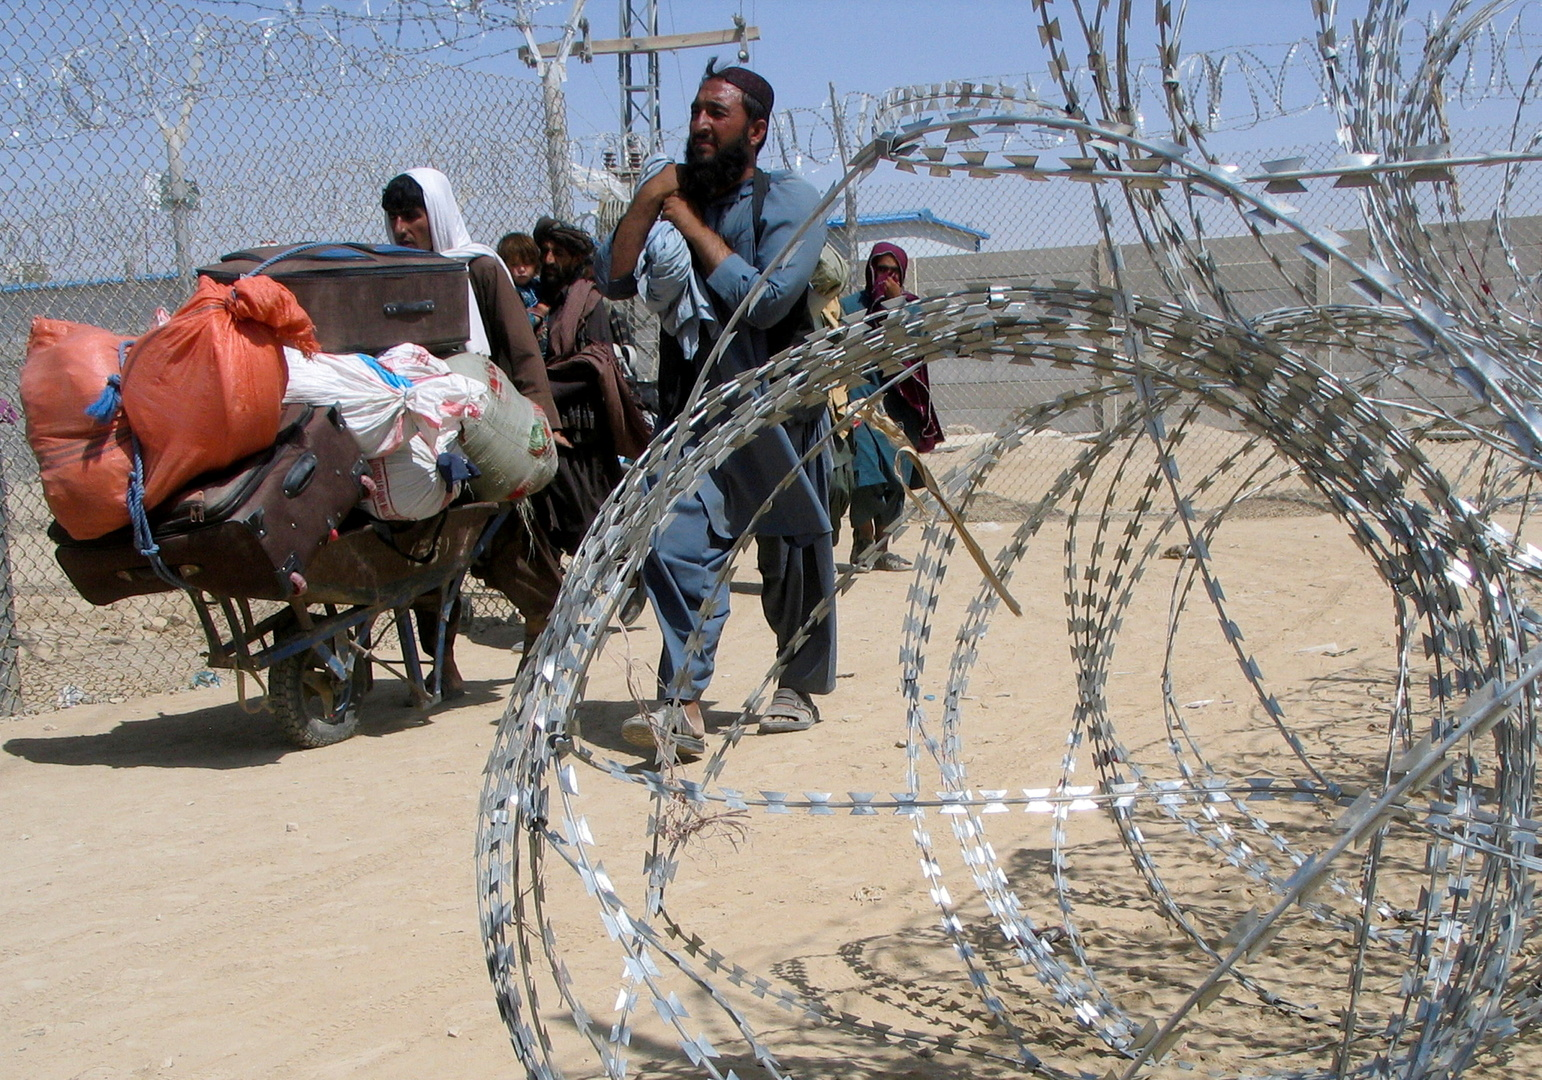 برنامج الأغذية العالمي يحذر من انعدام الأمن الغذائي في أفغانستان